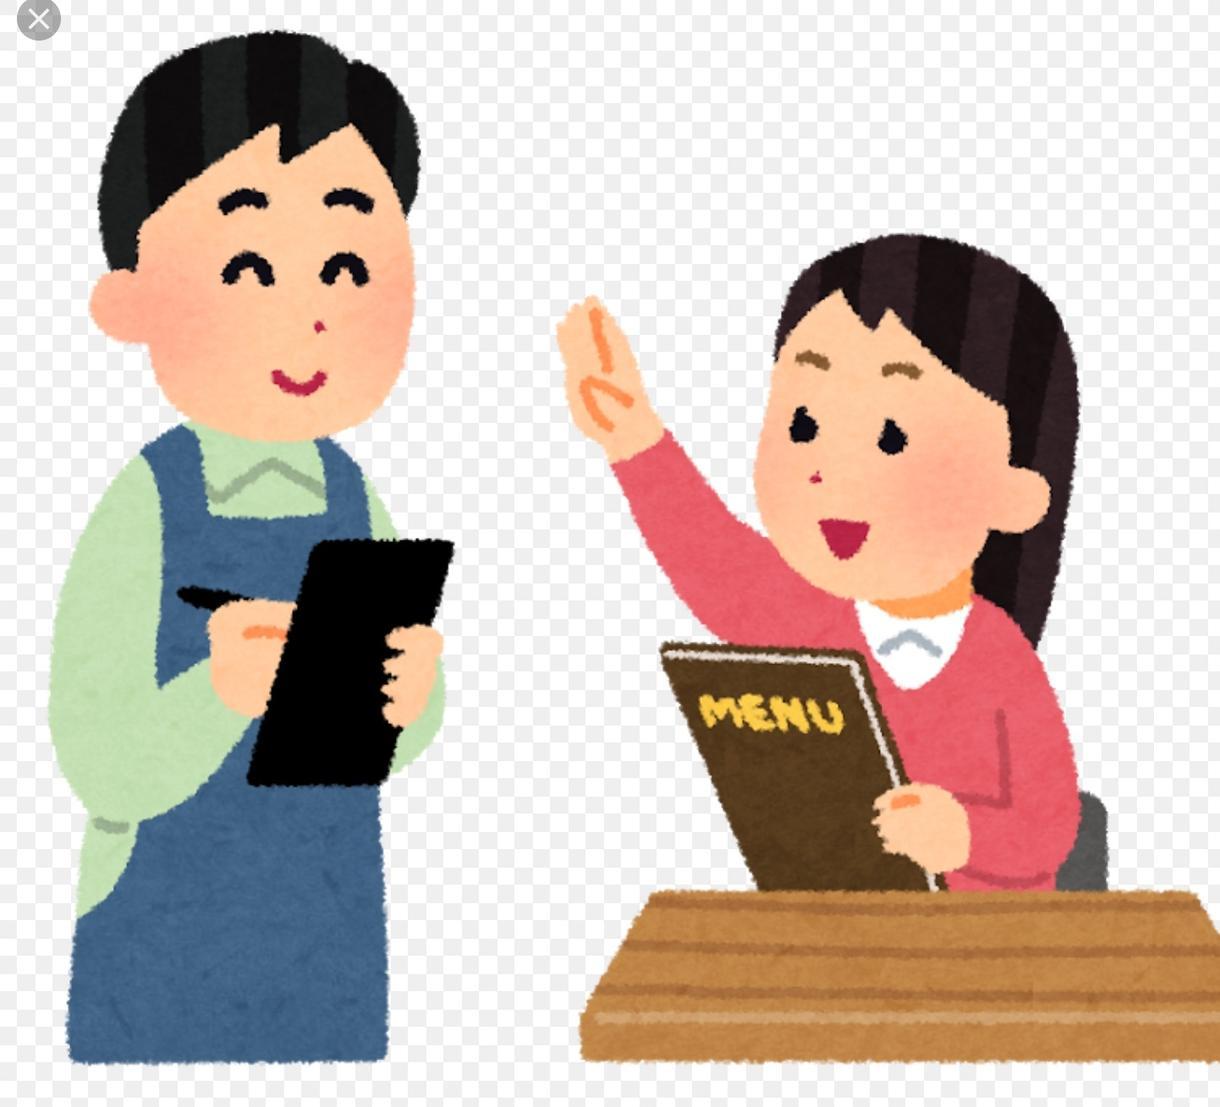 イラスト入飲食店体験談と回転寿司体験談送ります ピーク時により儲かるコツをギャグ入で伝授。回転寿司ネタと2つ